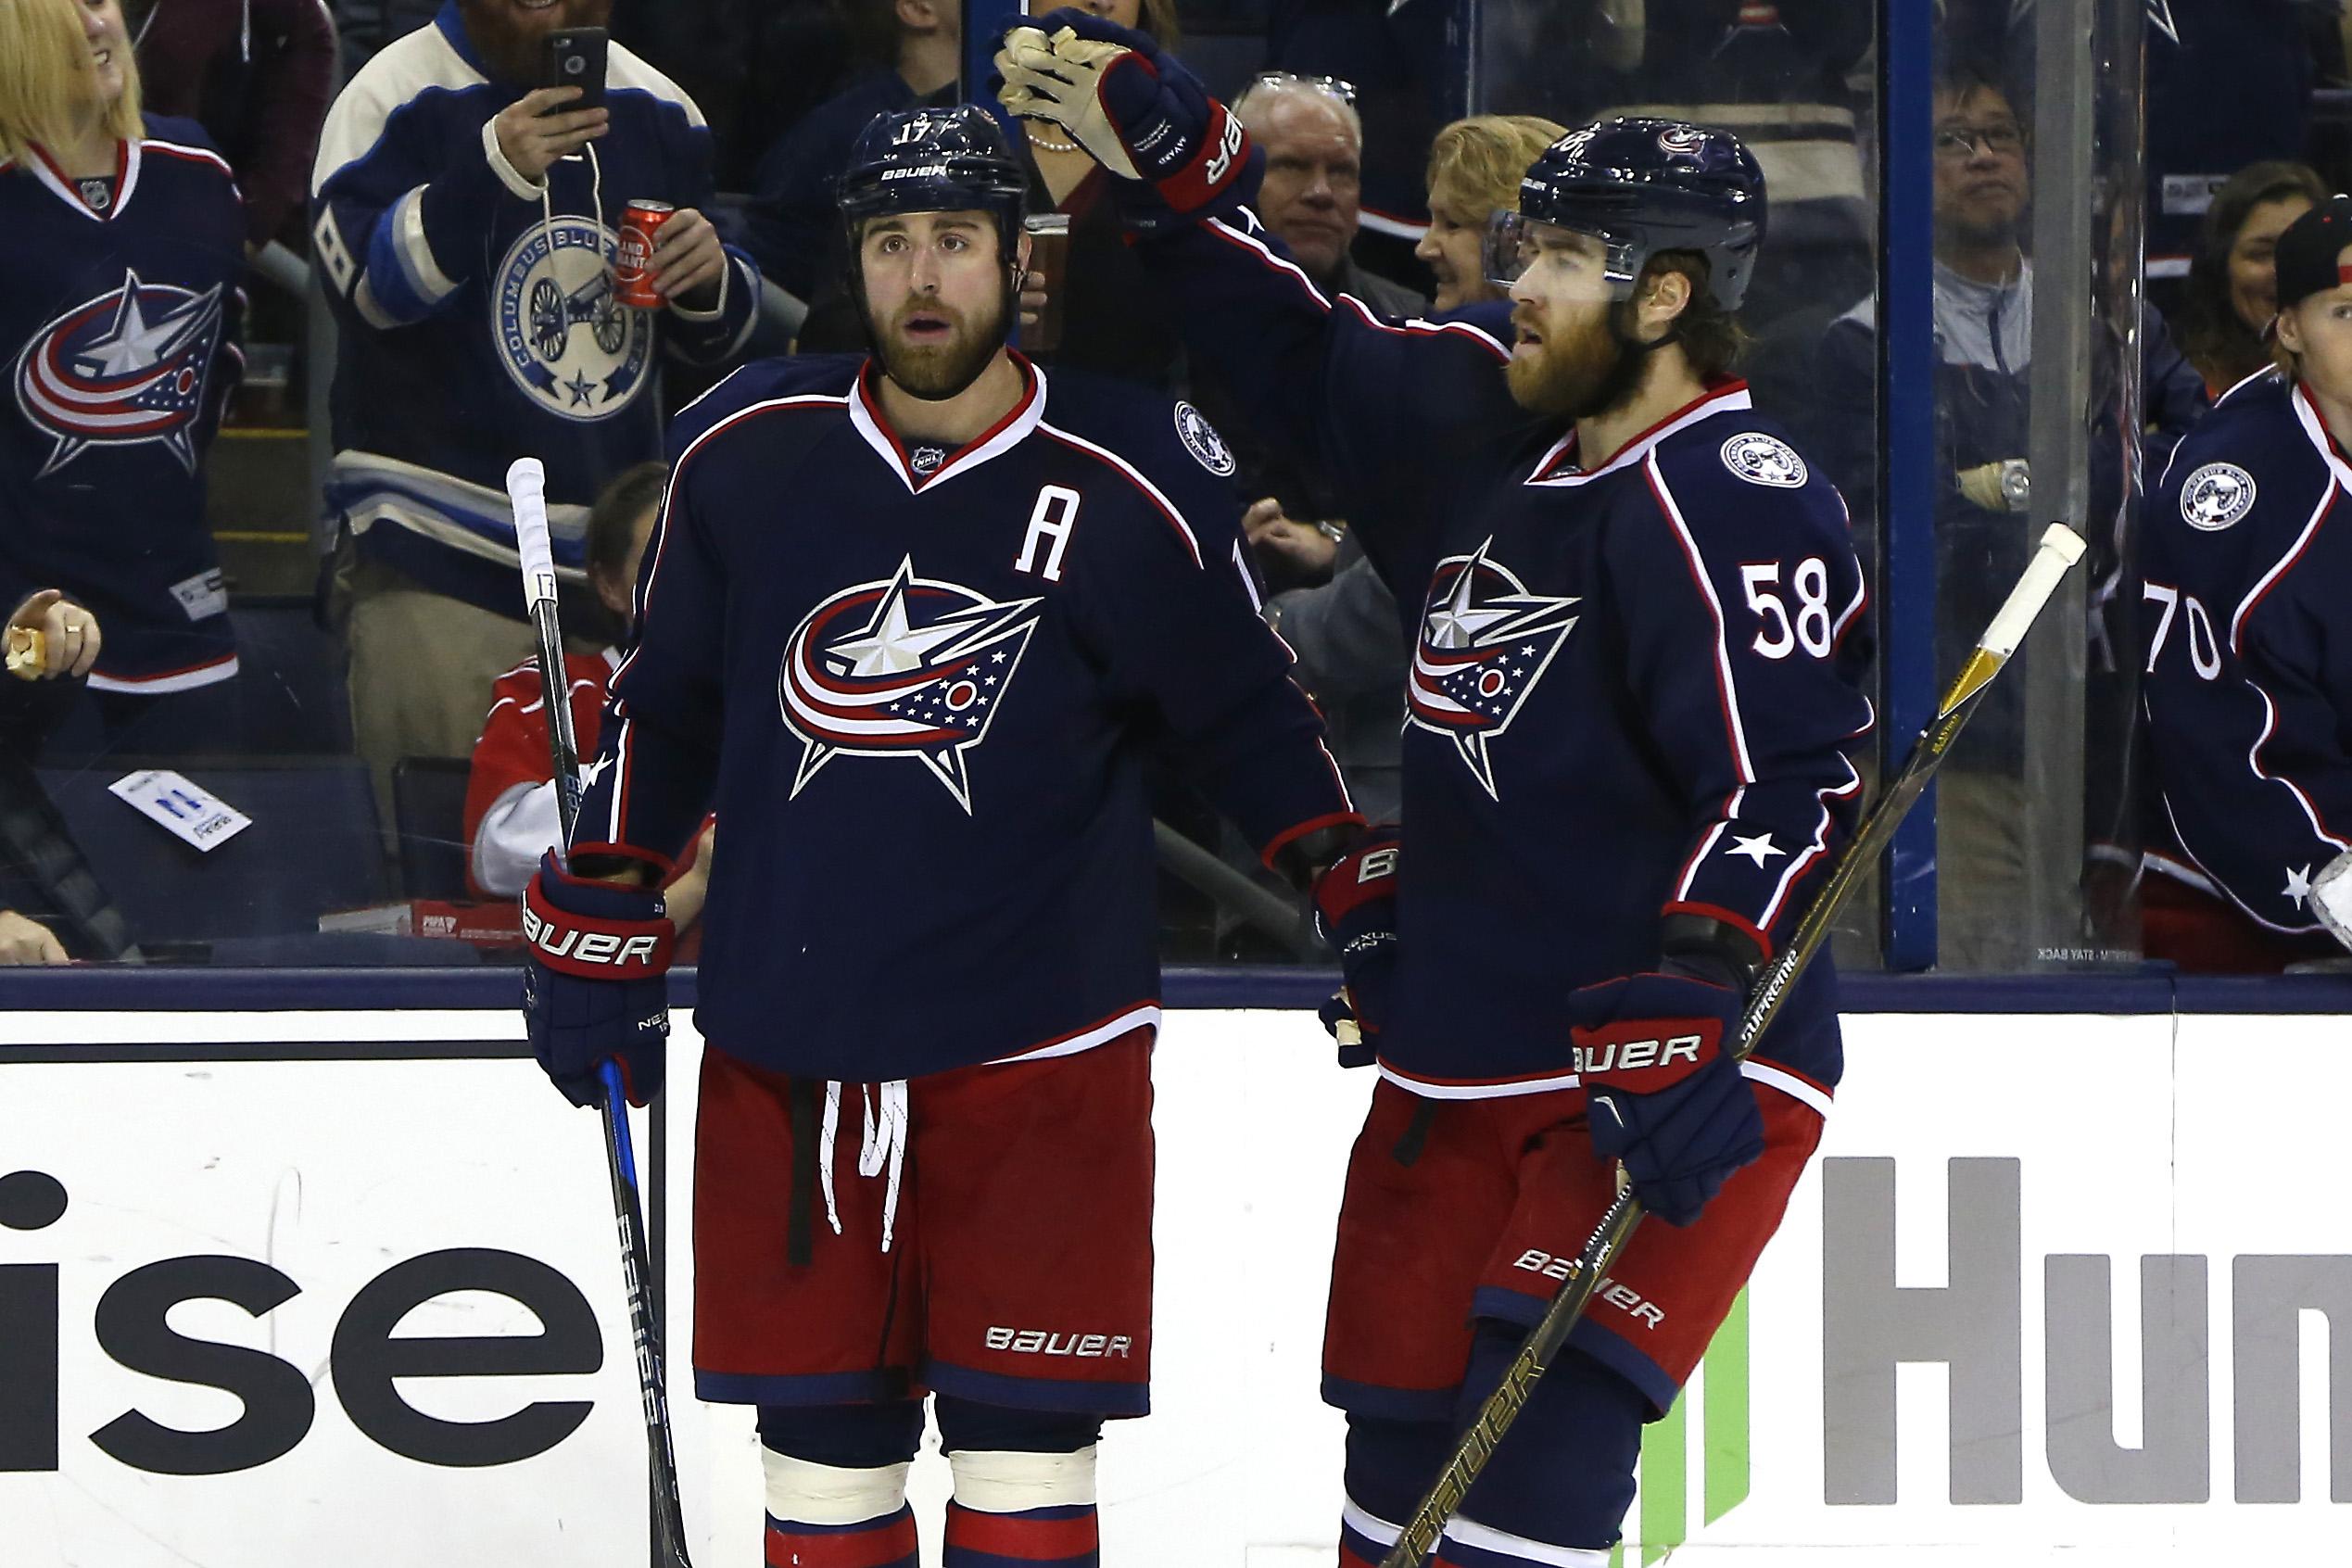 NHL: Carolina Hurricanes at Columbus Blue Jackets